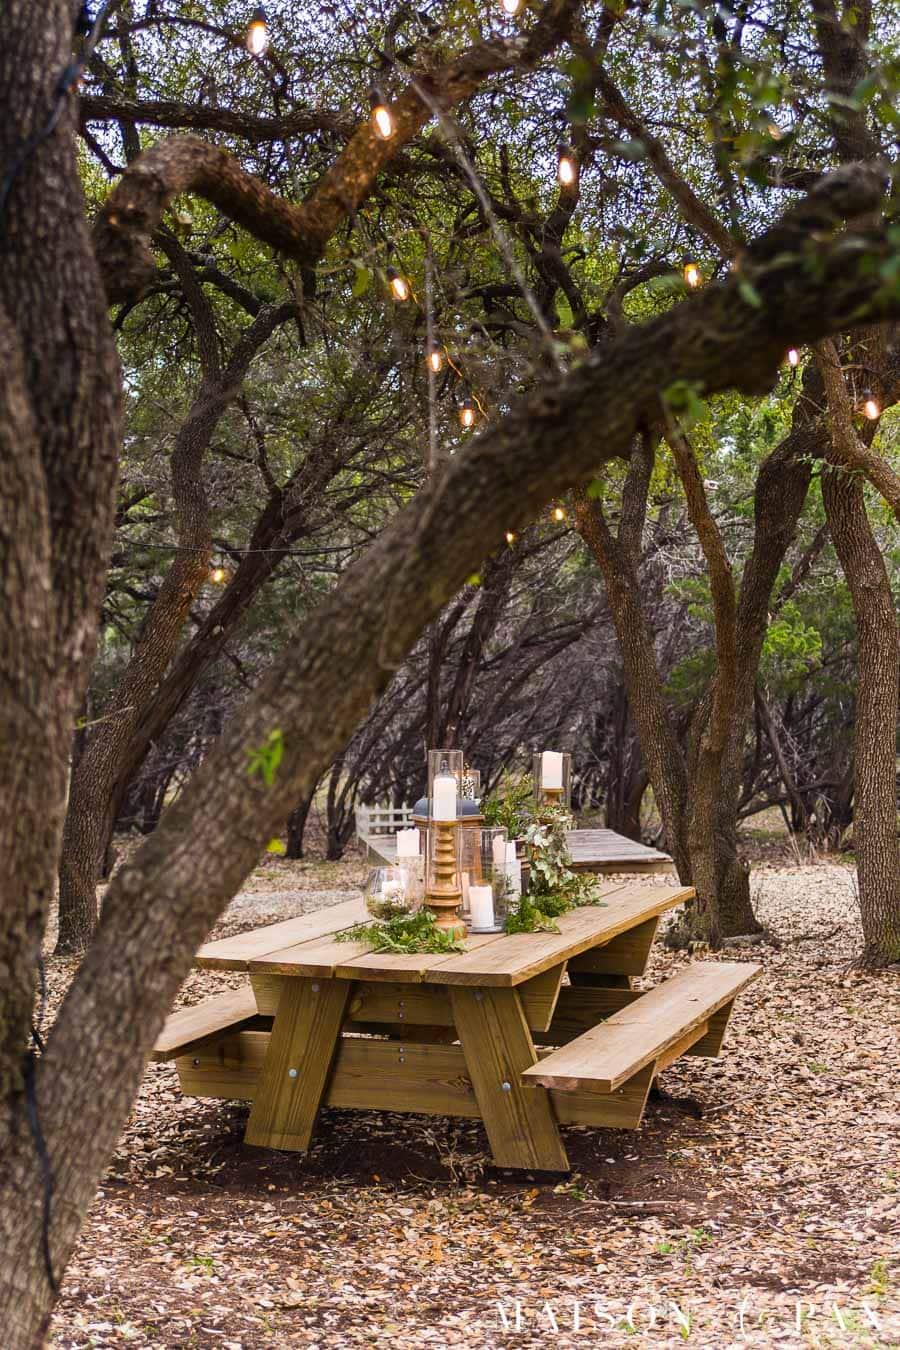 elegant picnic table in arbor | Maison de Pax